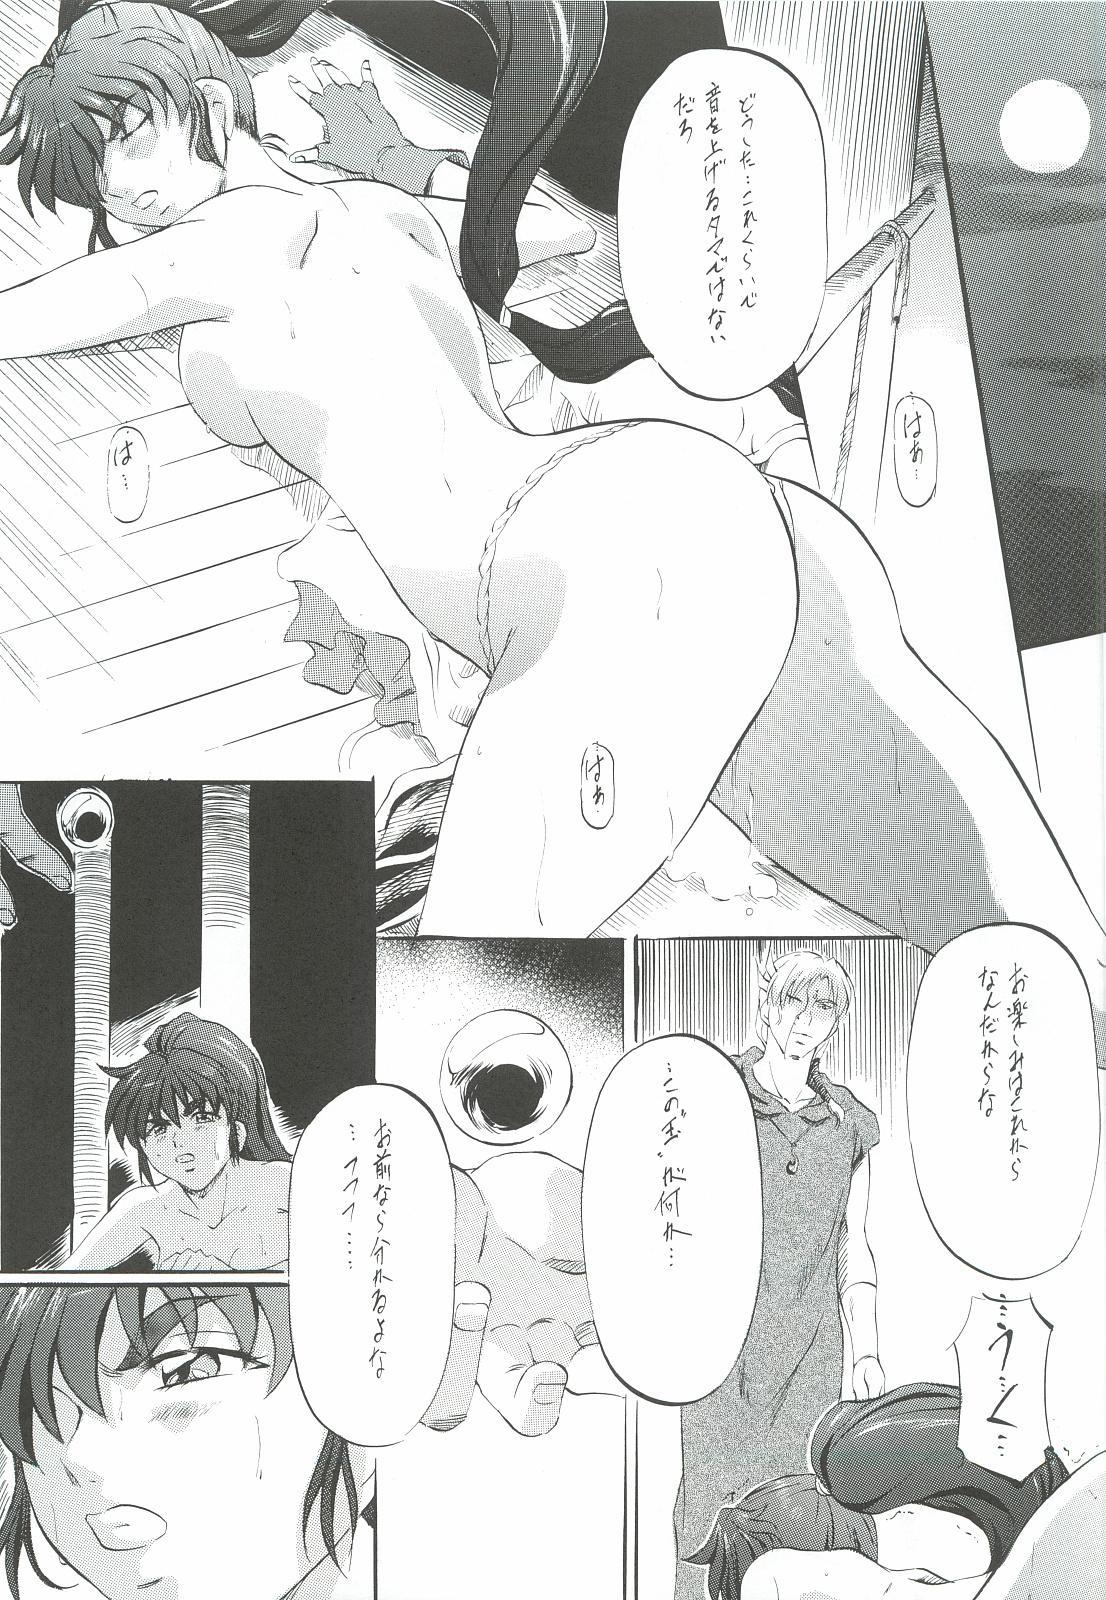 Ai & Mai Gaiden - Kishin Fukkatsu no Shou 23